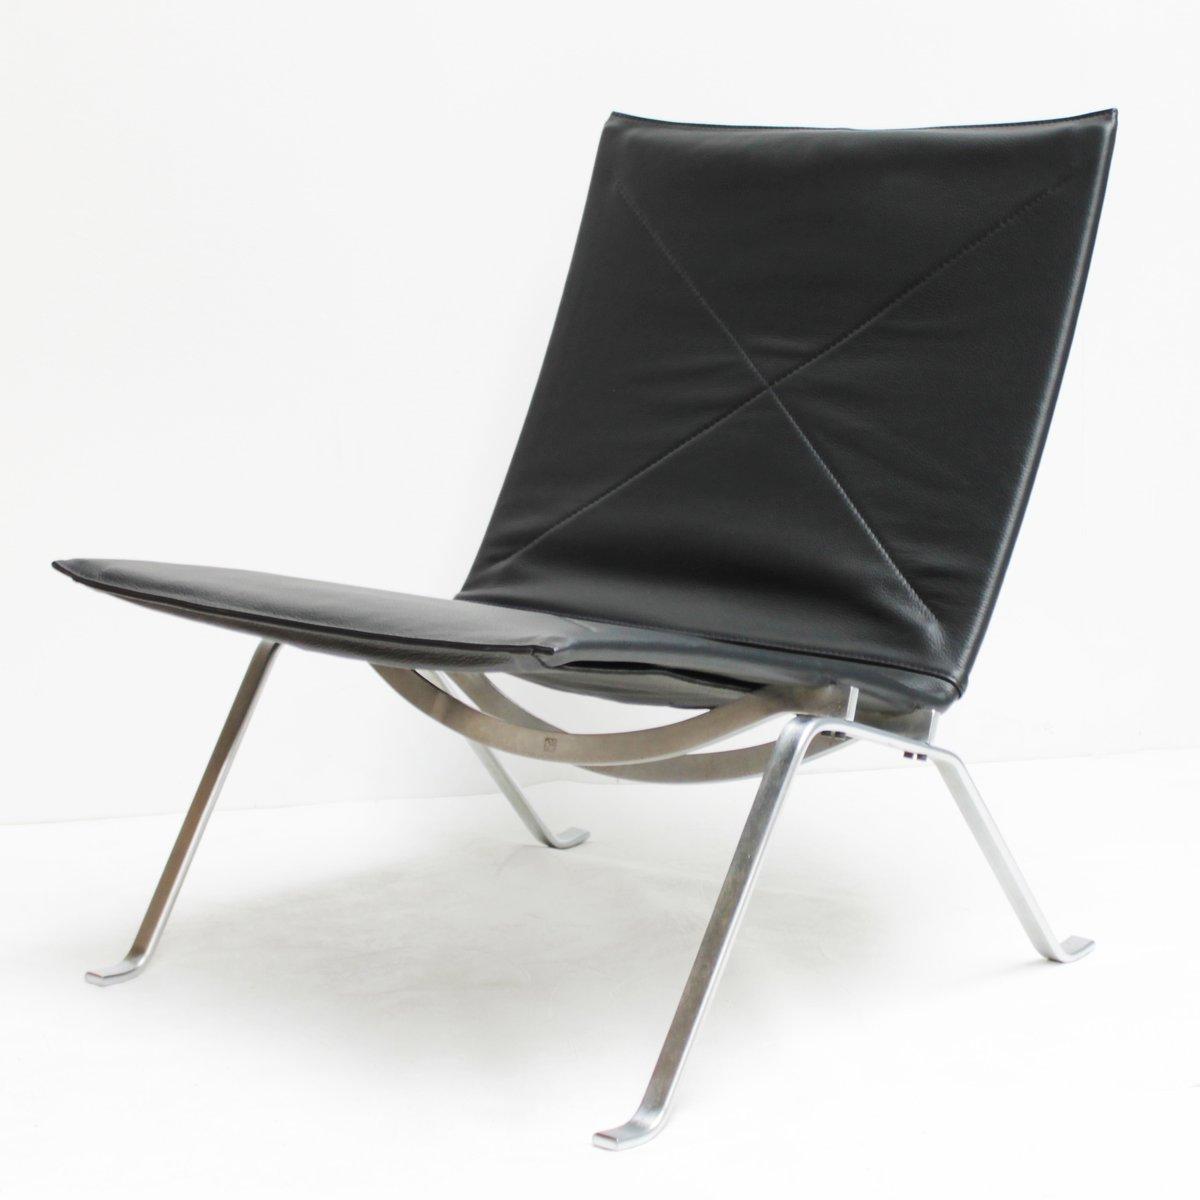 Dänischer PK22 Sessel von Poul Kjaerholm für E. Kold Christensen, 1960...